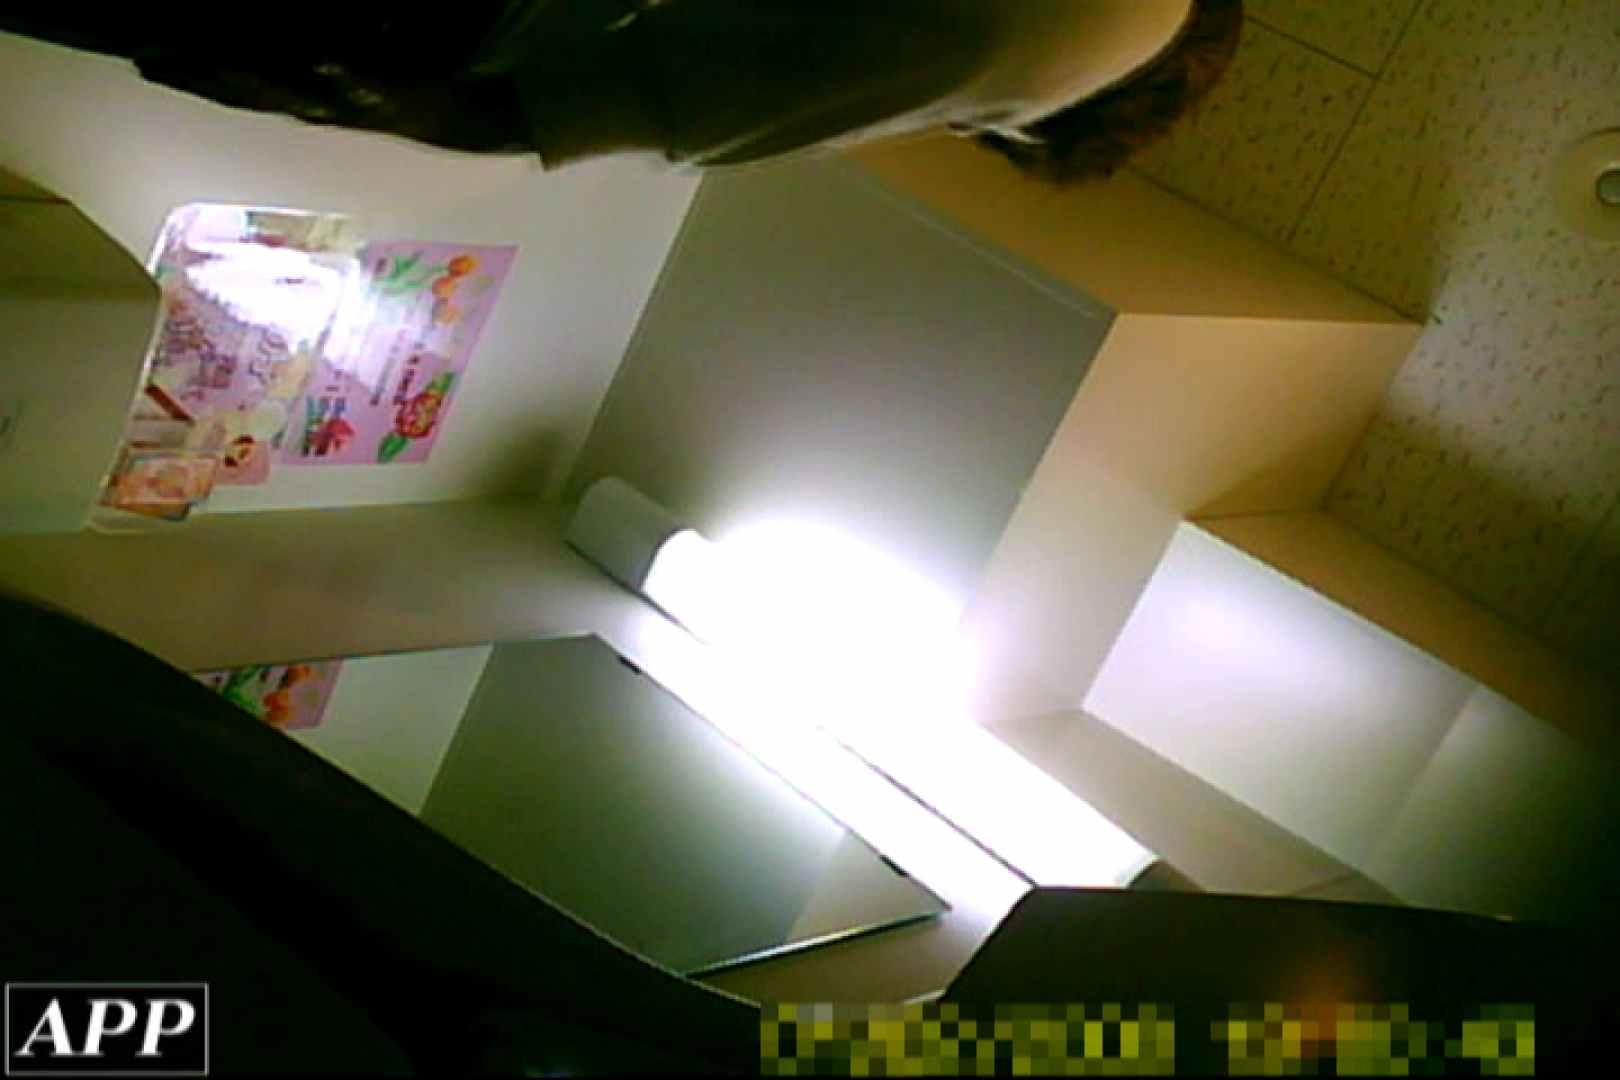 3視点洗面所 vol.131 美しいOLの裸体   モロだしオマンコ  90pic 31